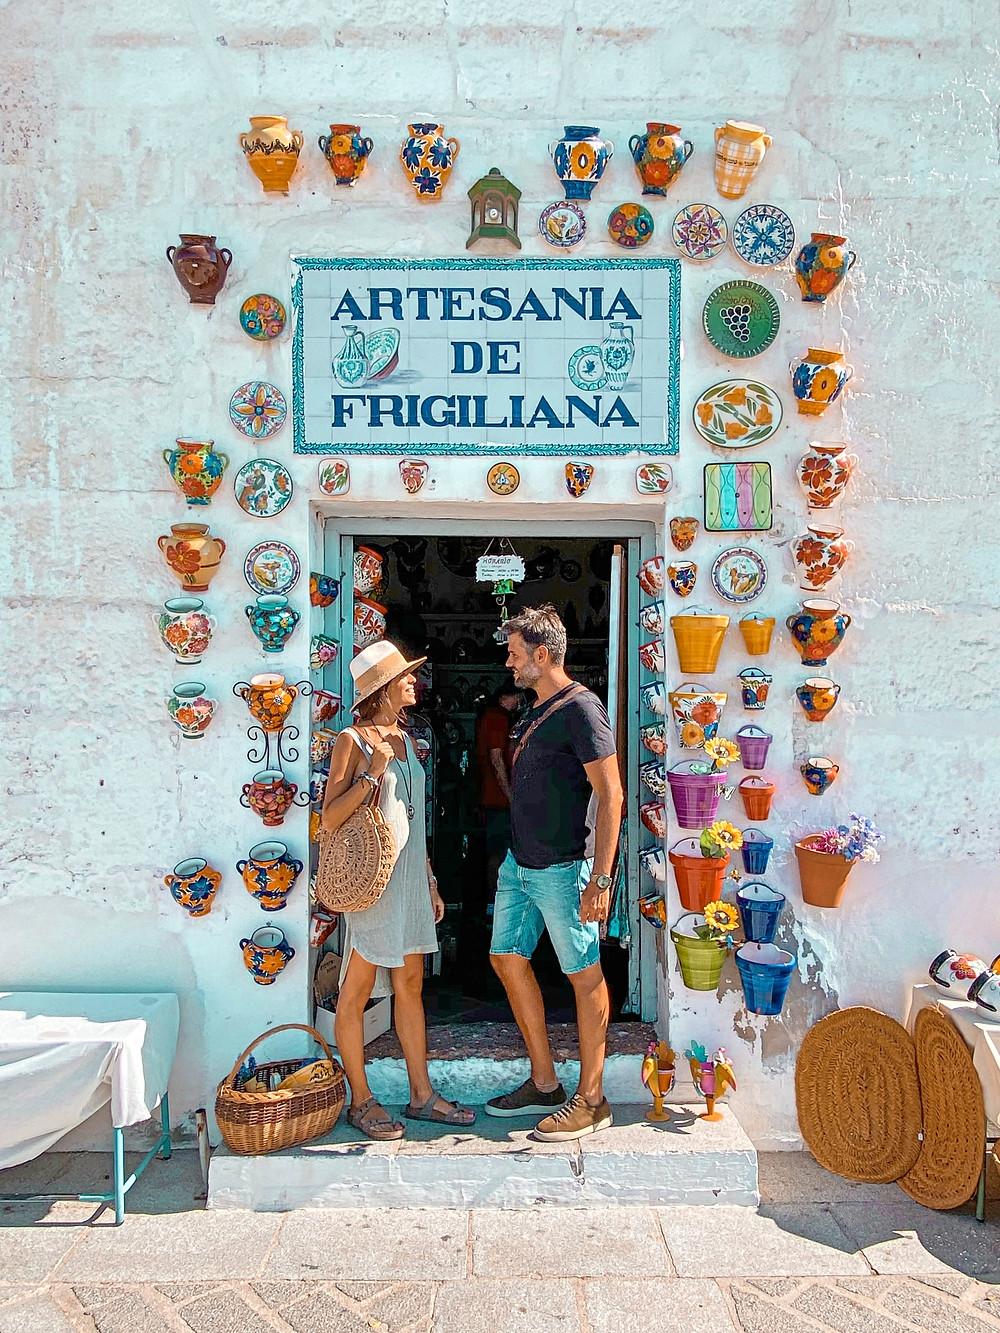 Frigiliana, artesanía, puerta, pueblo blanco, Andalucía